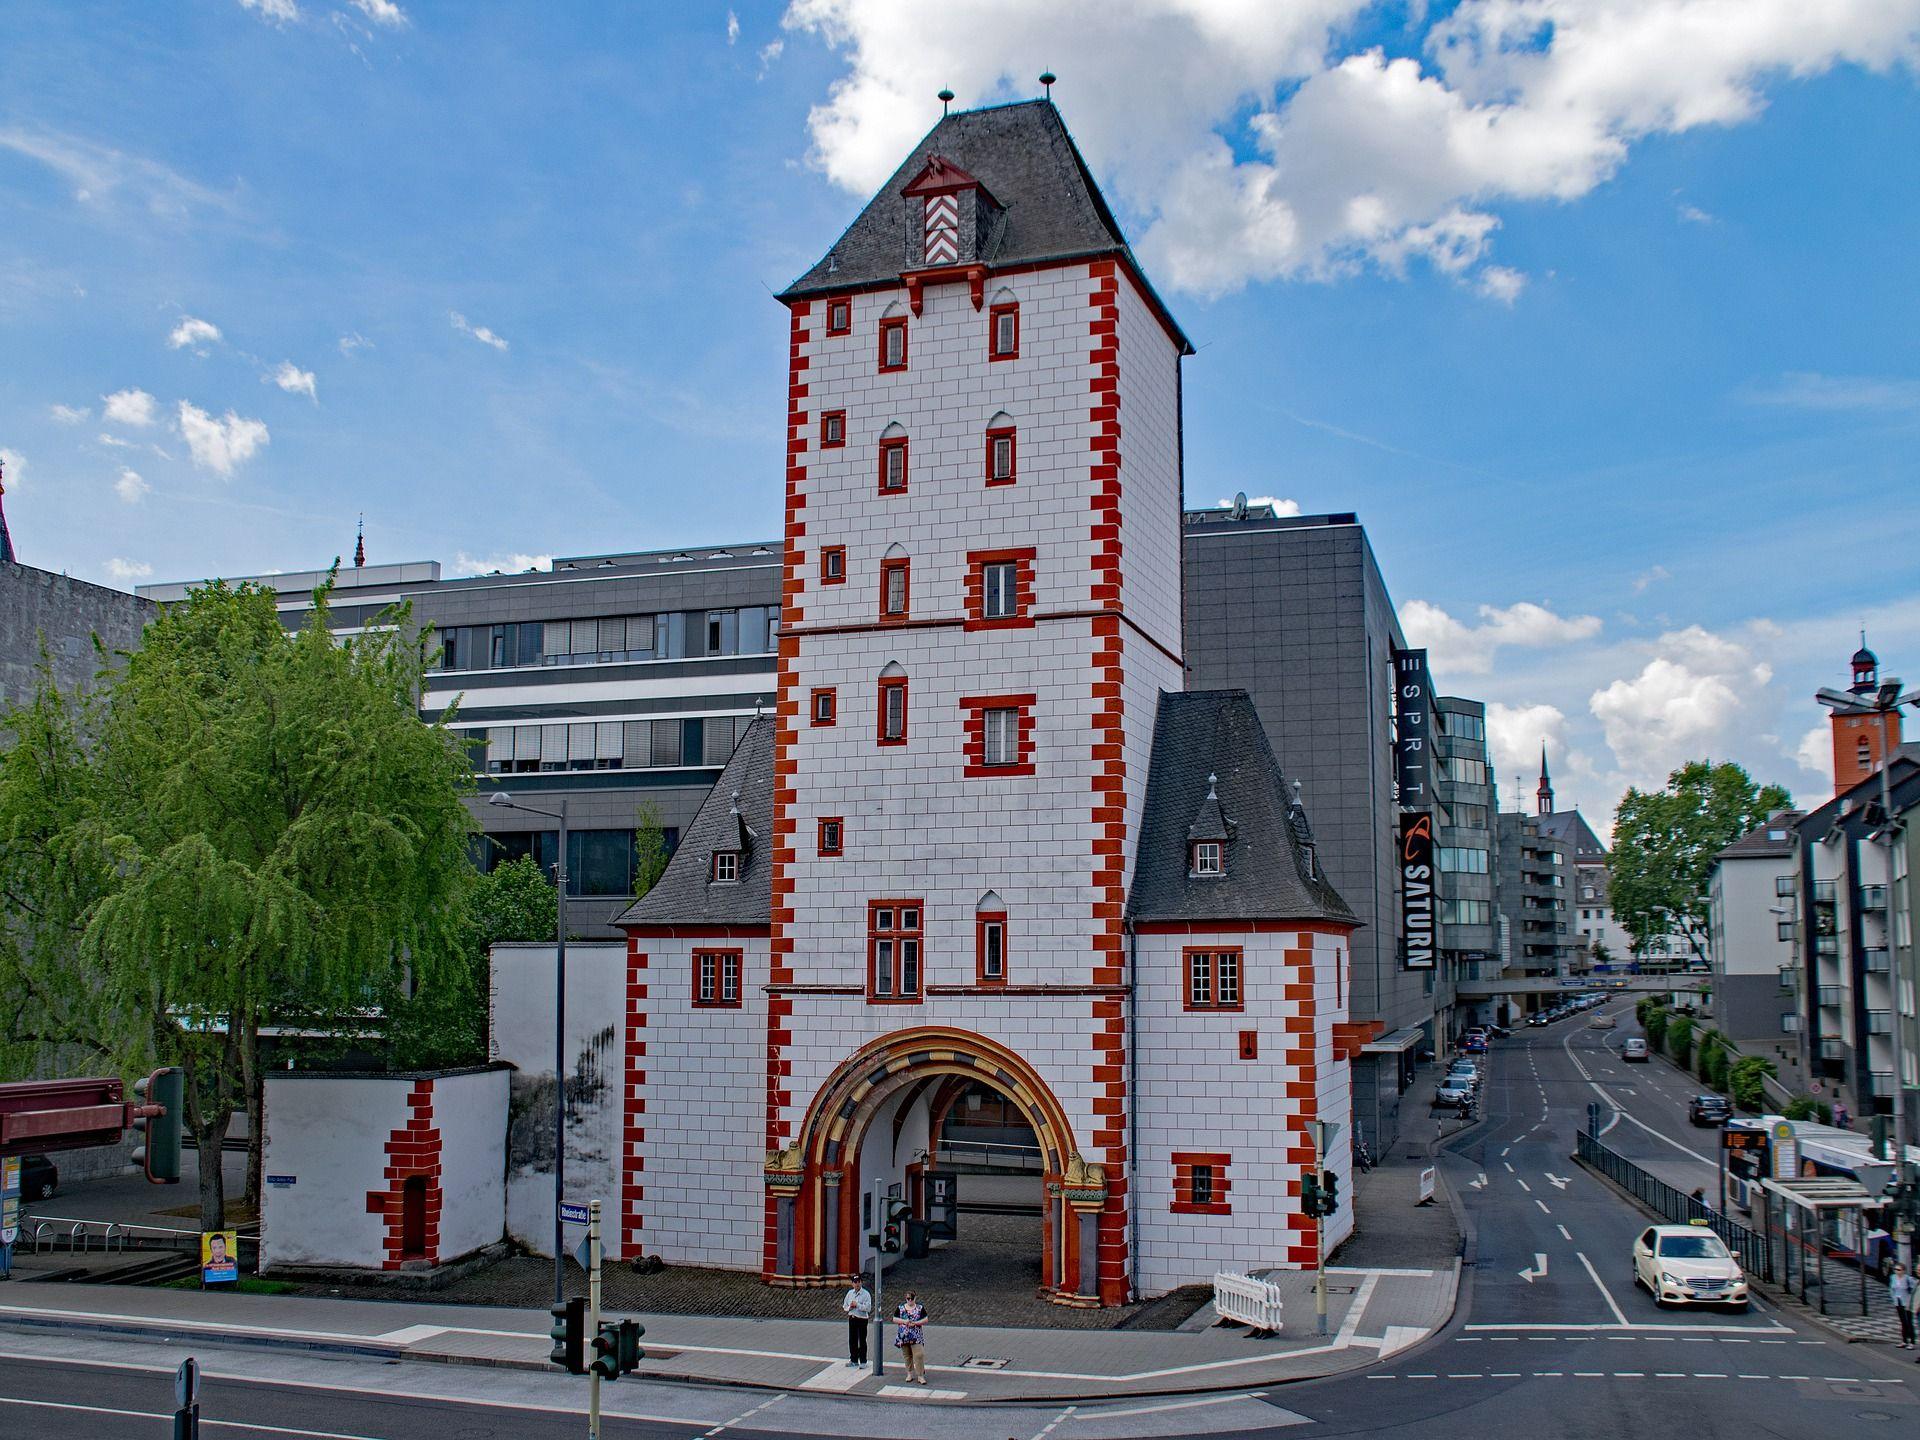 Antrag zur Prüfung autofreier Bereiche in Mainz beschlossen